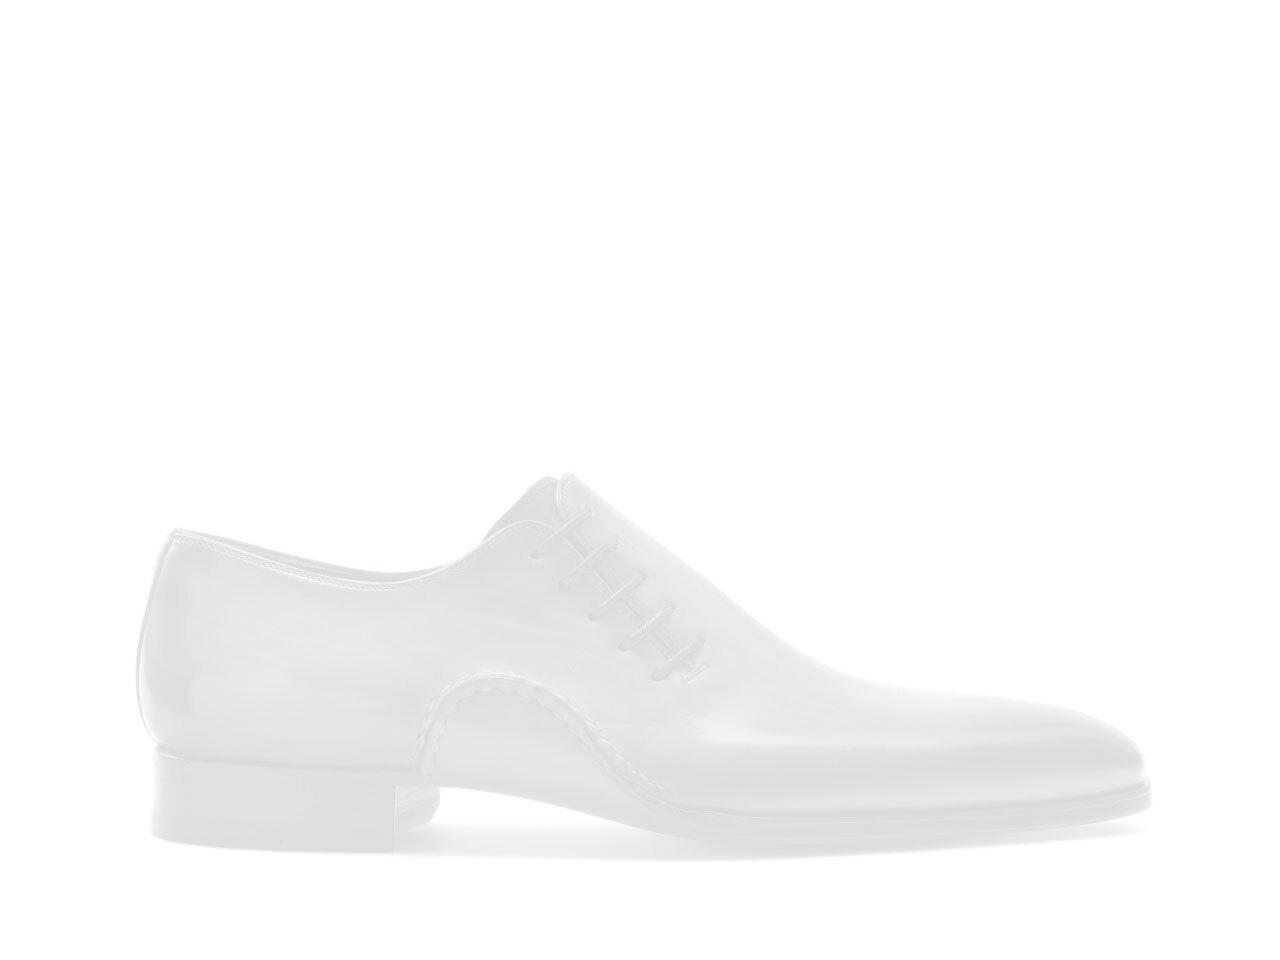 Pair of the Magnanni Nerja Musgo Men's Sneakers